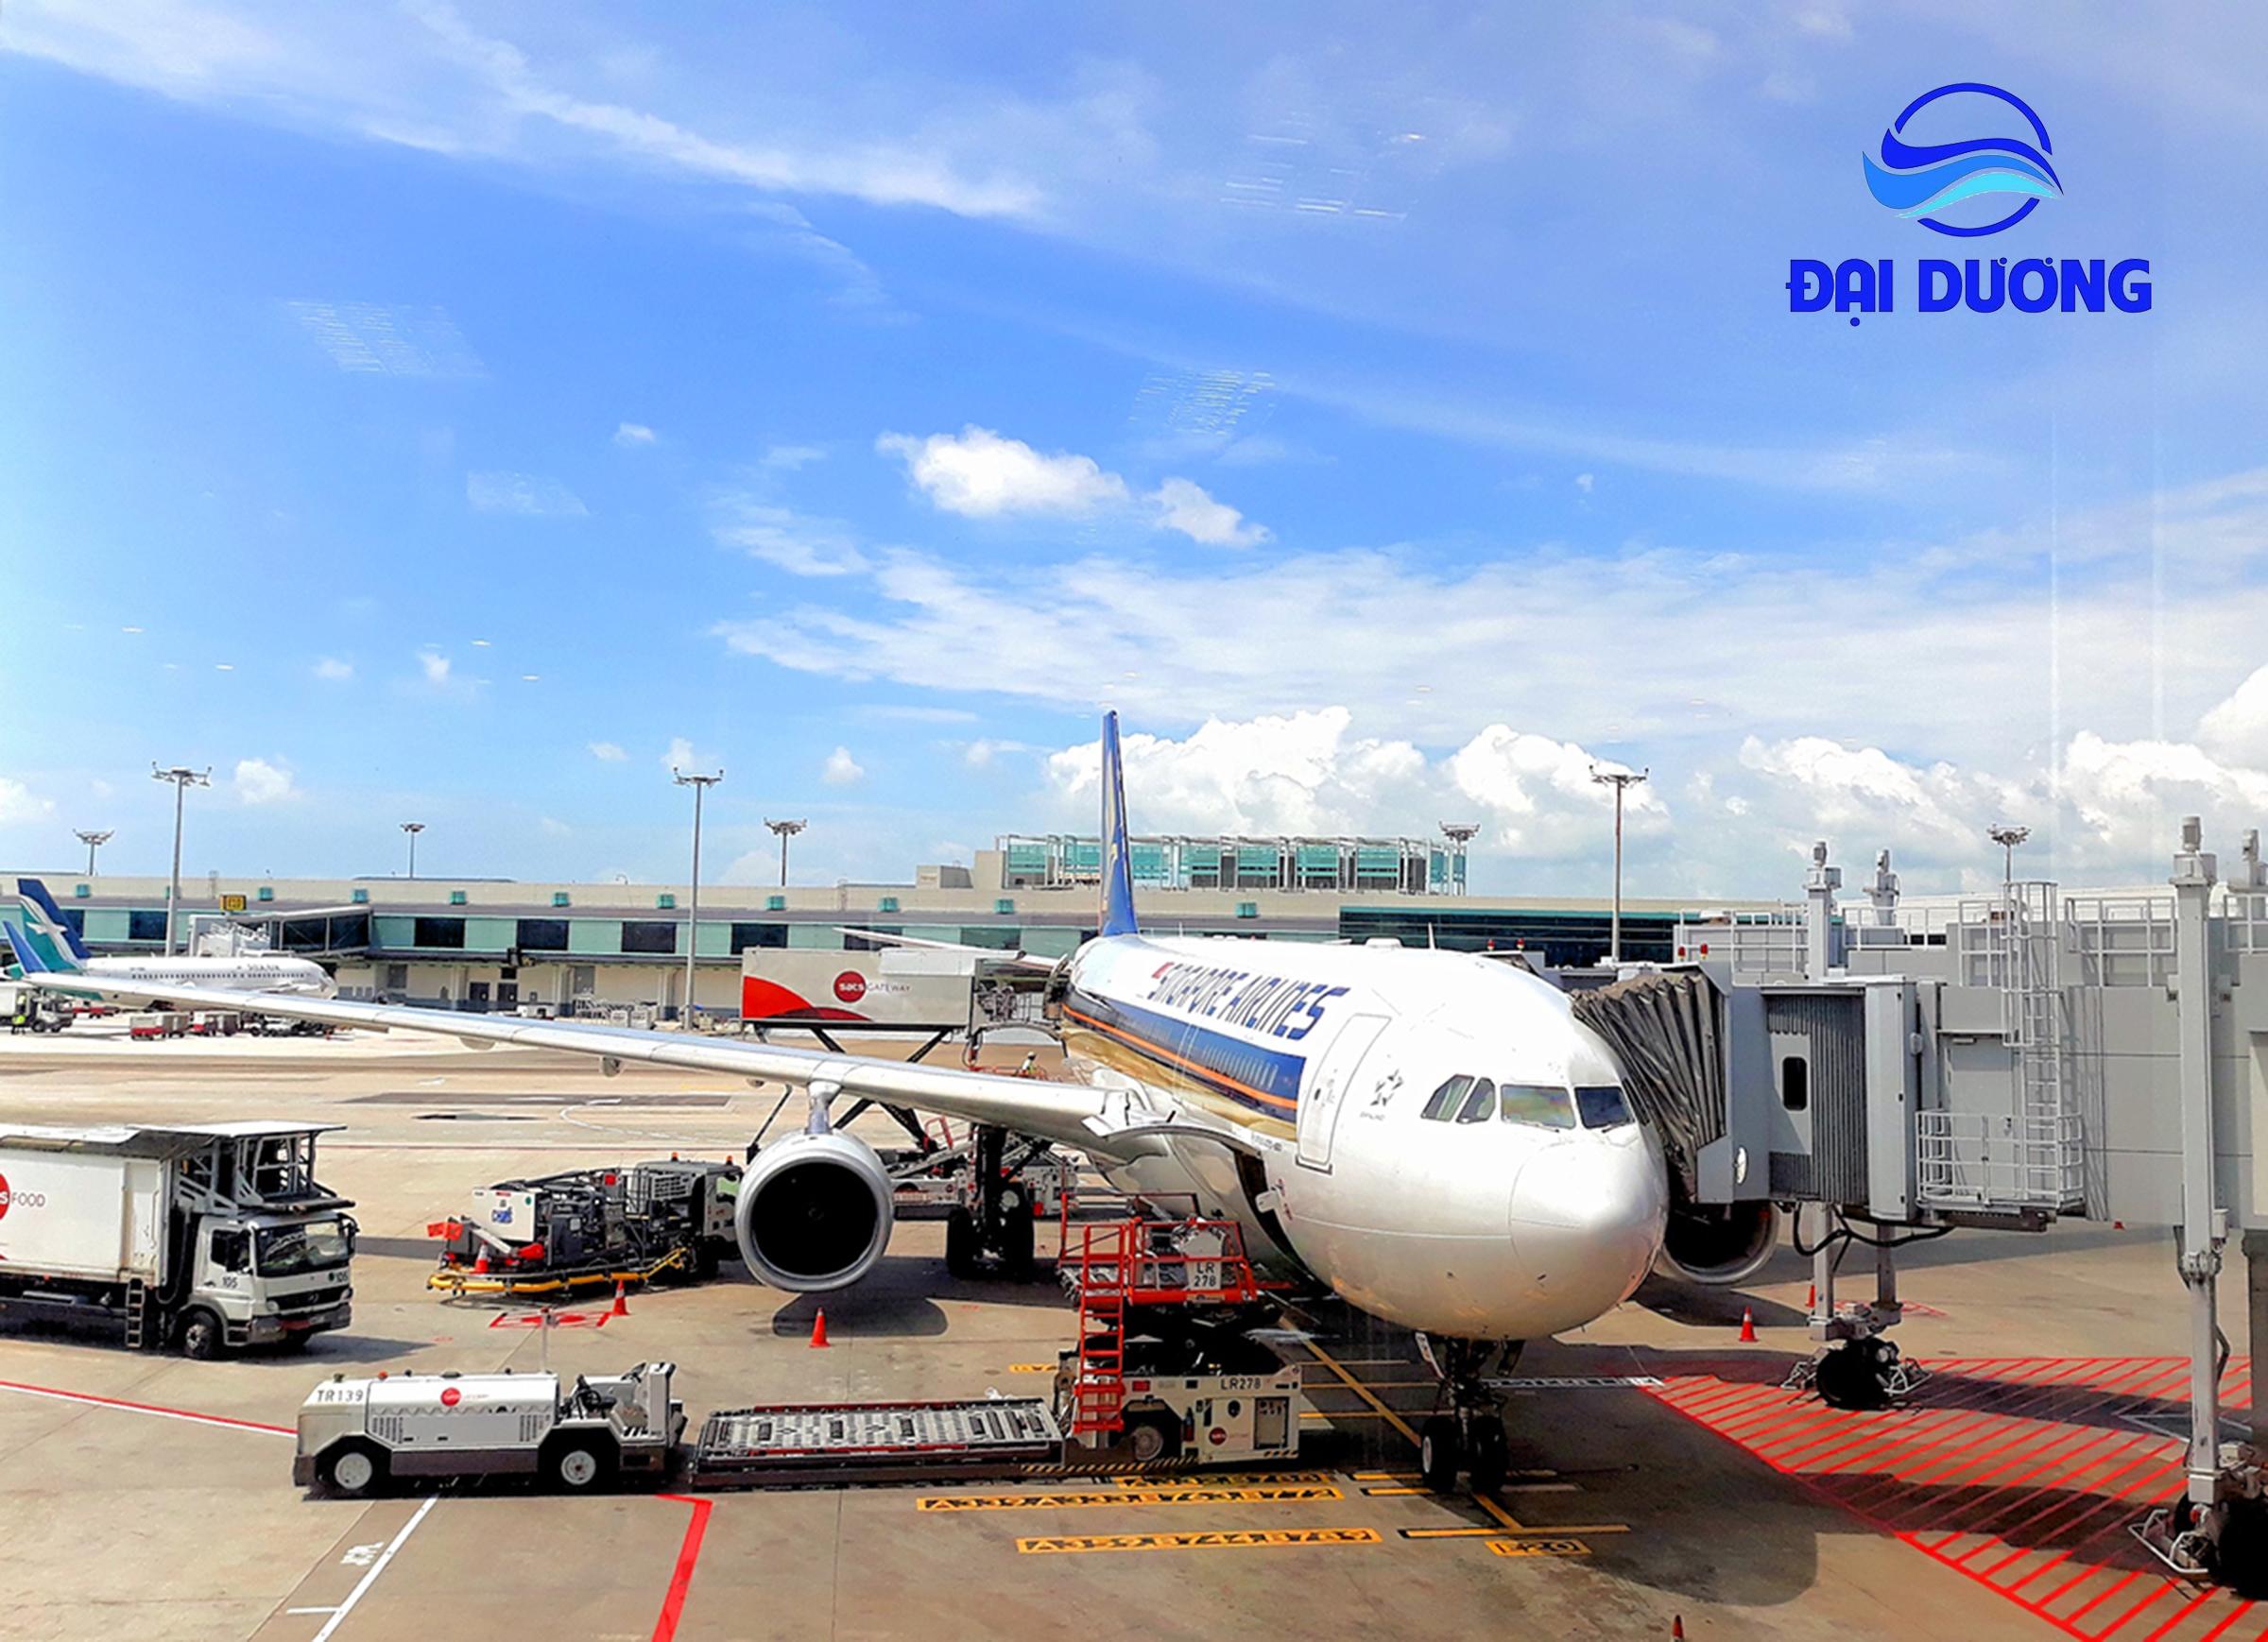 Vận chuyển đường bay - Đại Dương